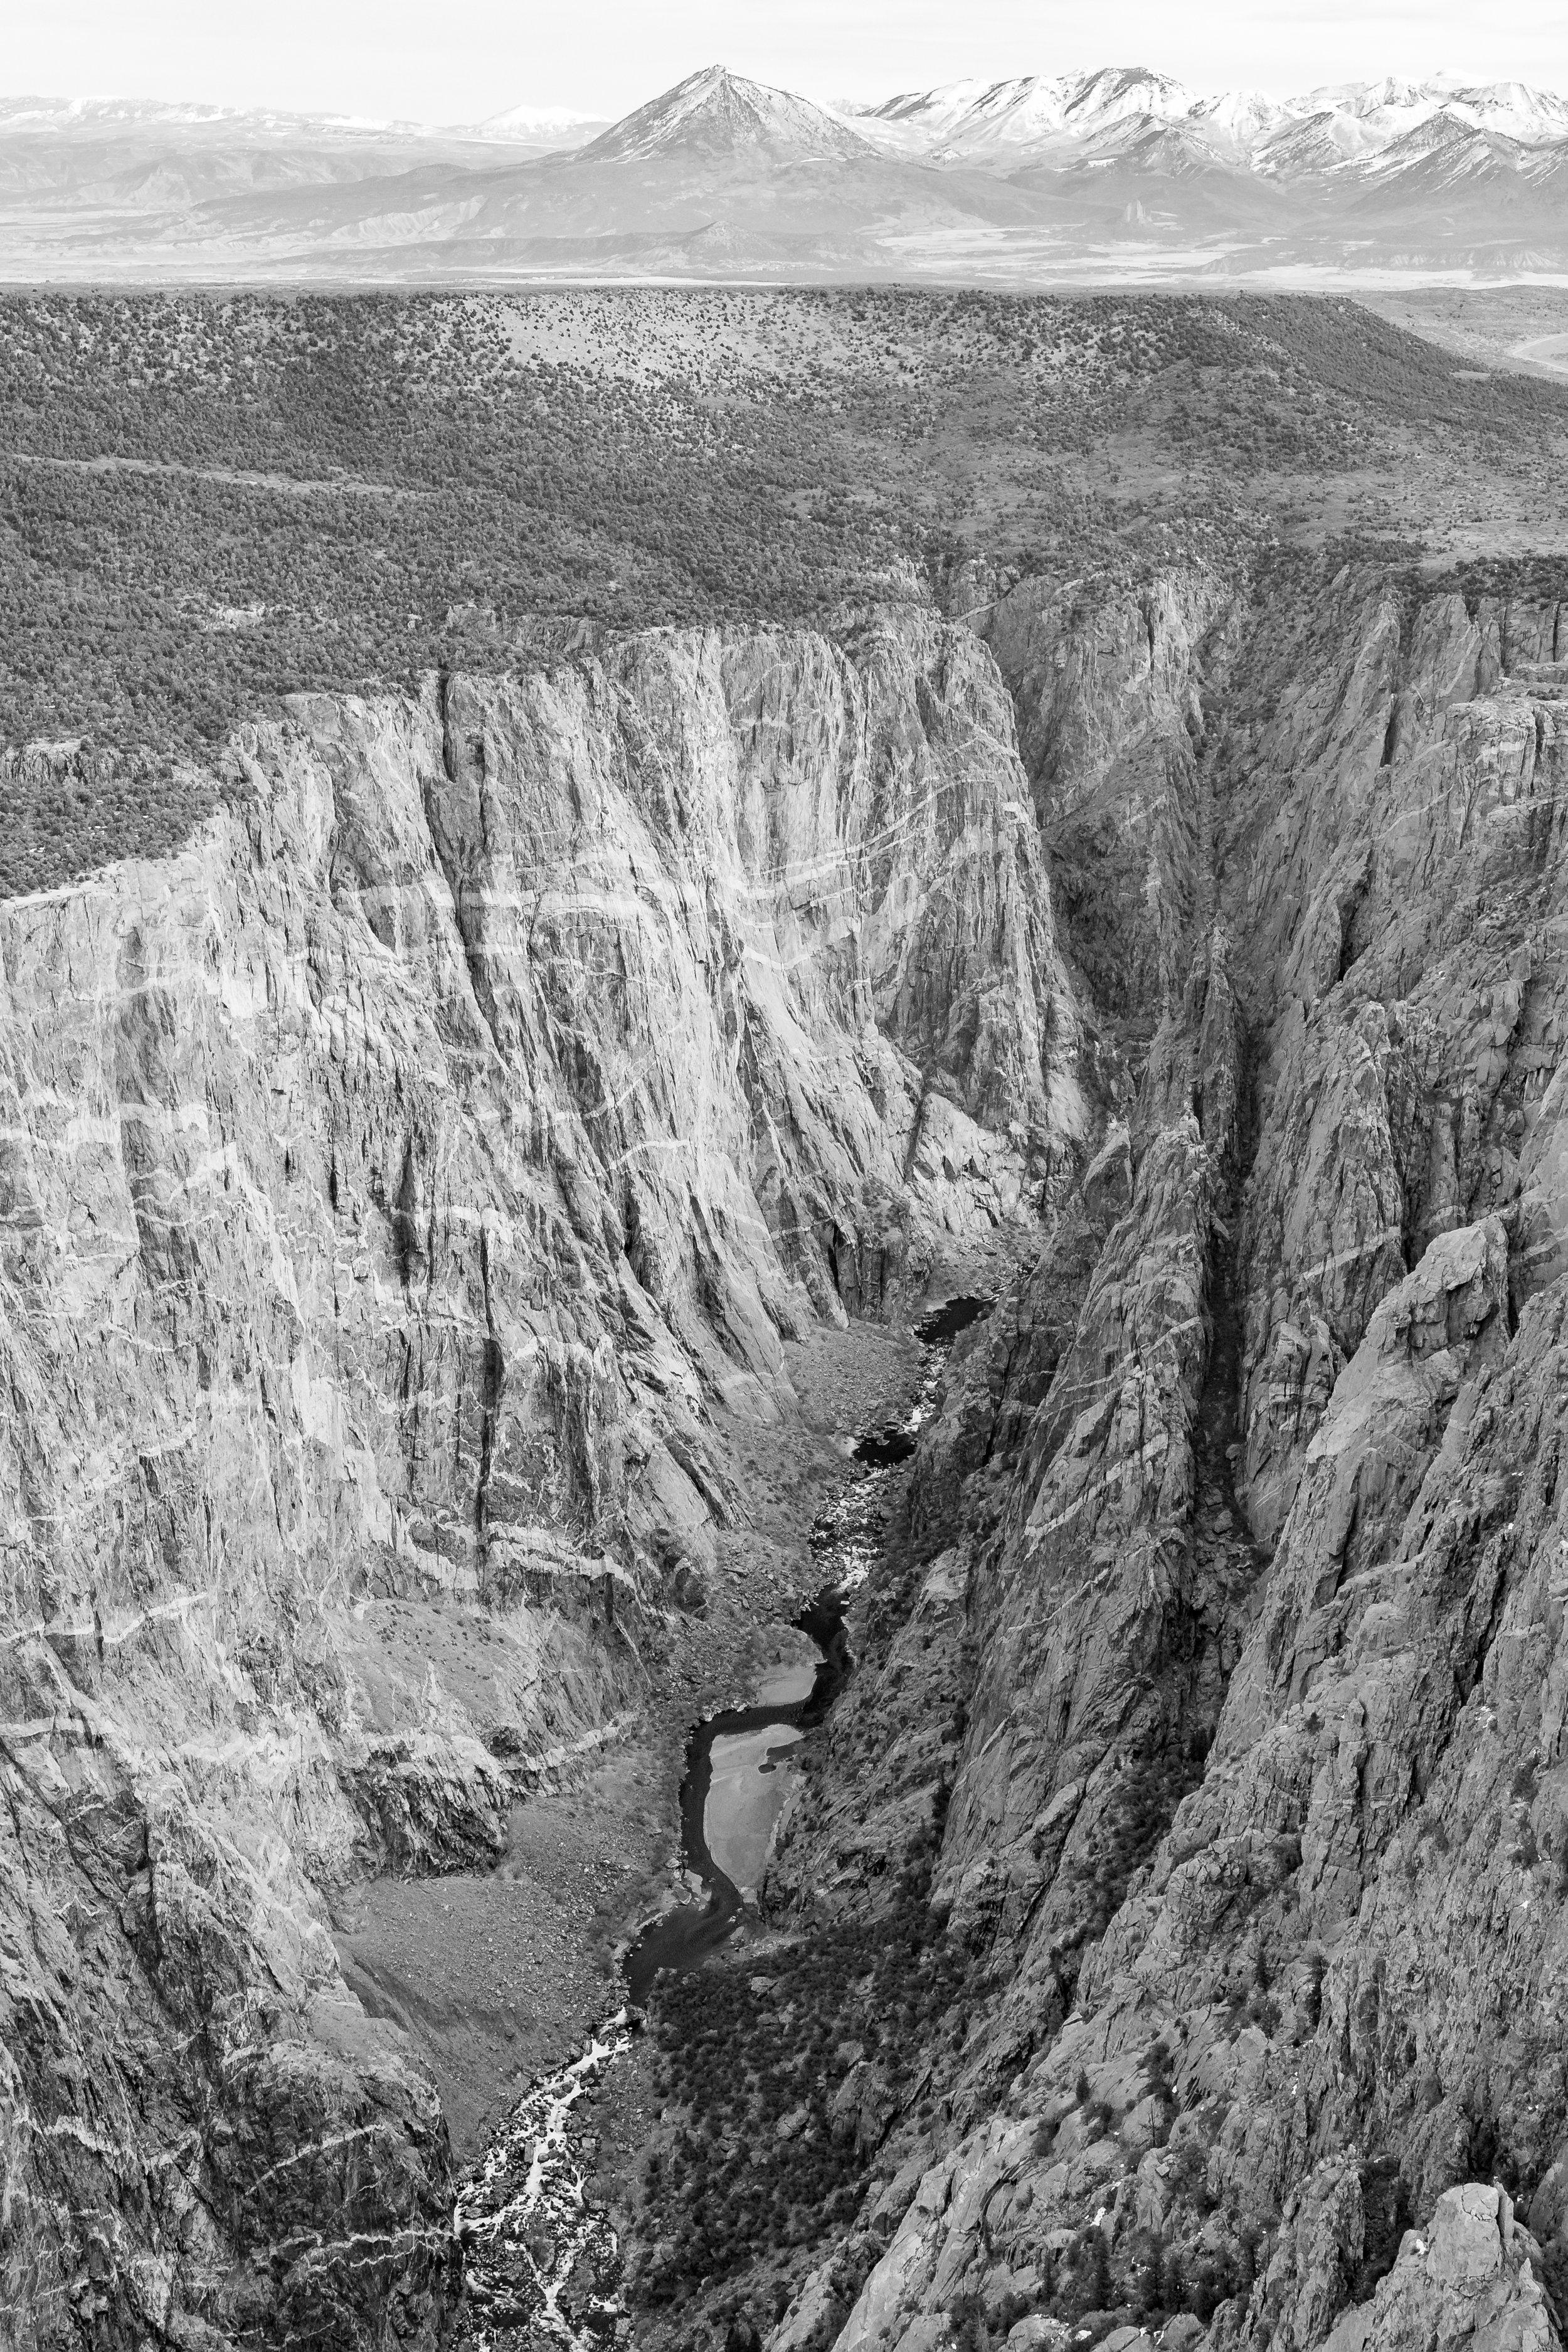 The Black Canyon of Colorado